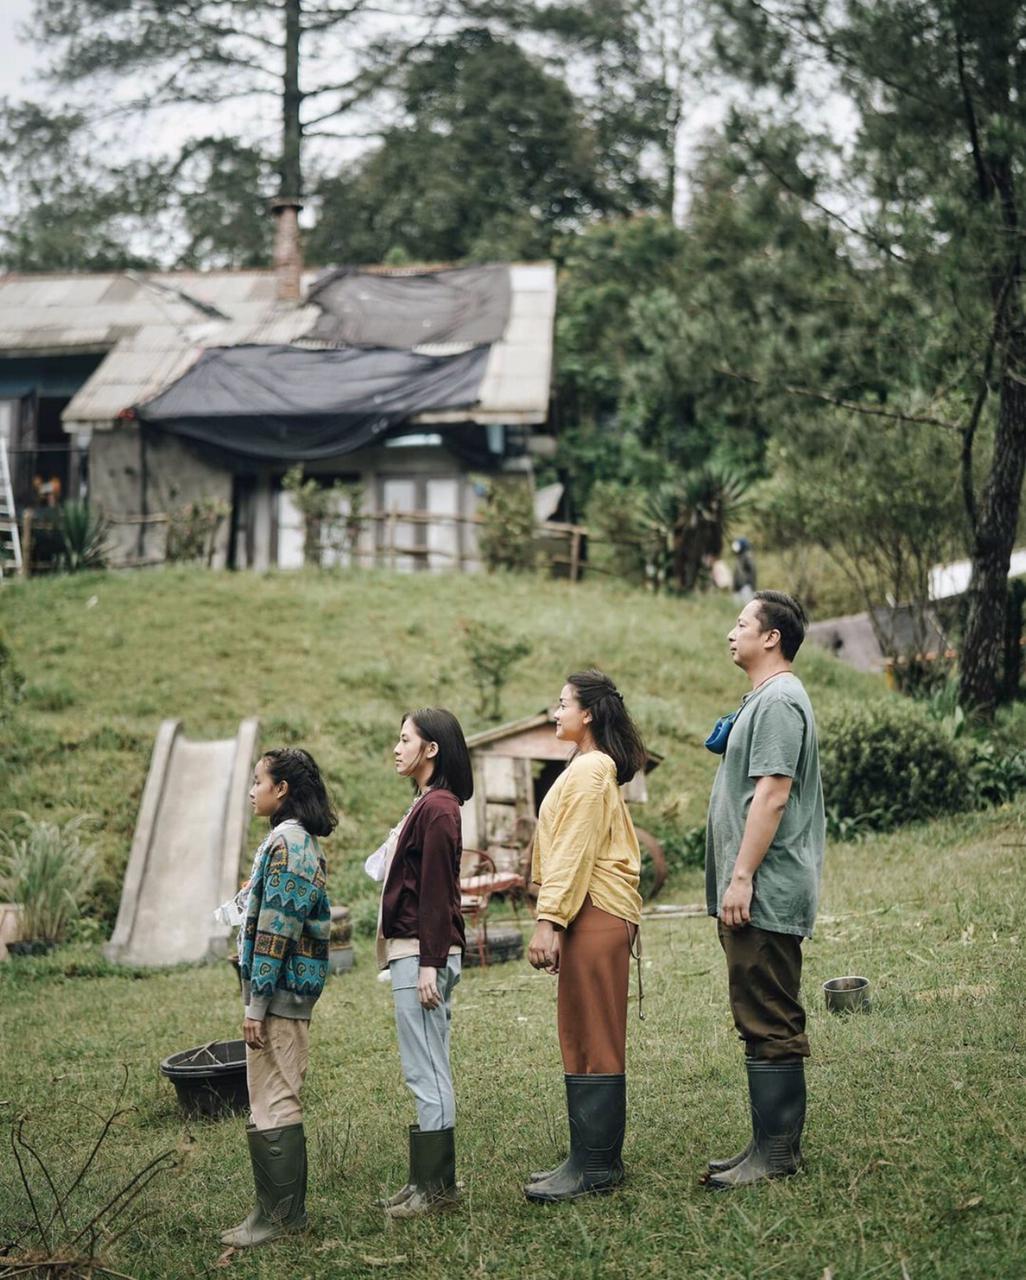 Selesai syuting, ini 8 potret akrab para pemain film Keluarga Cemara 2